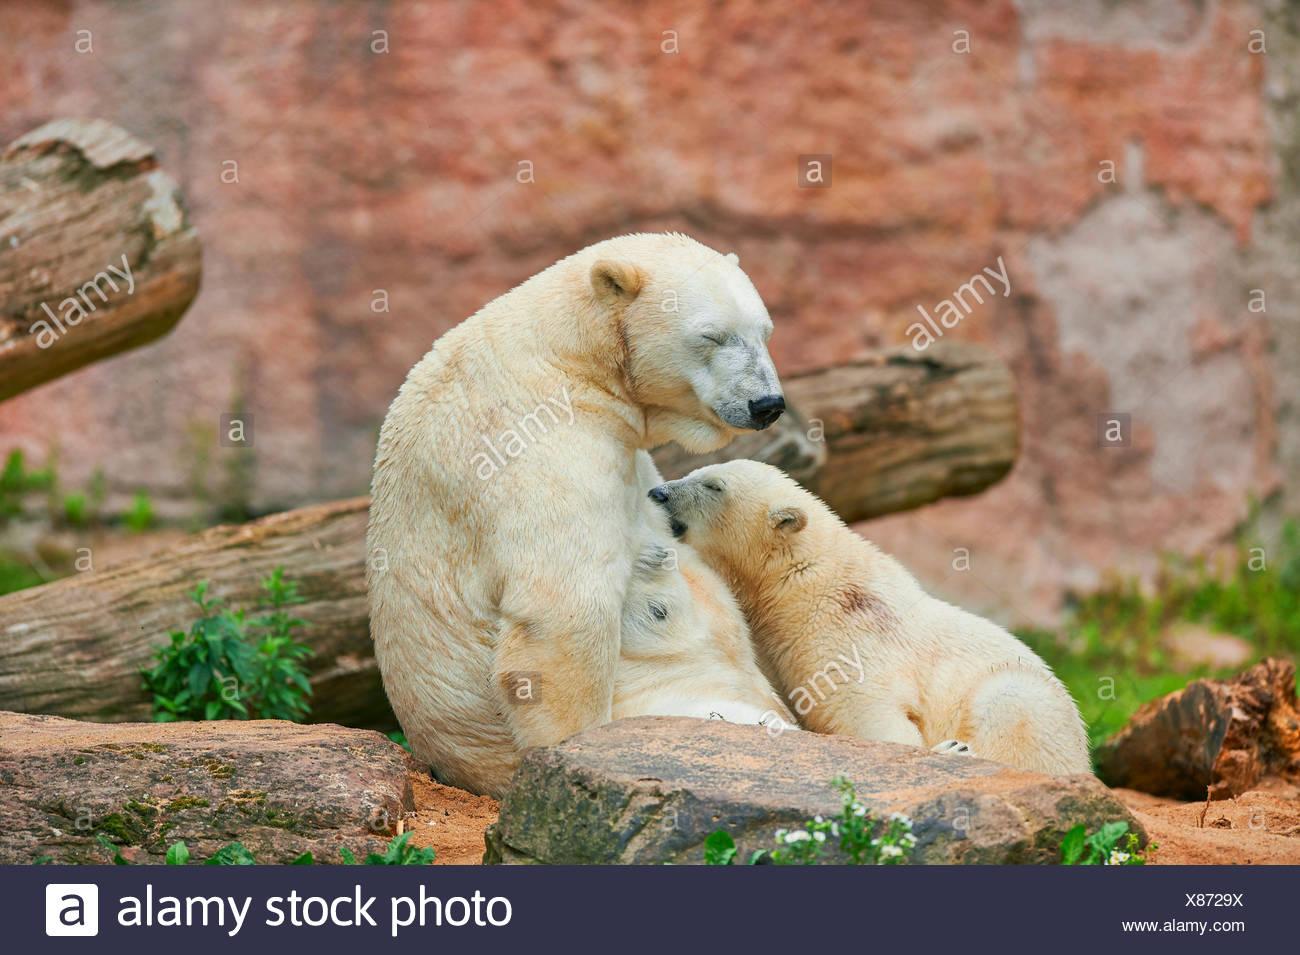 Orso polare (Ursus maritimus), polar bear cub è allattato da sua madre Immagini Stock